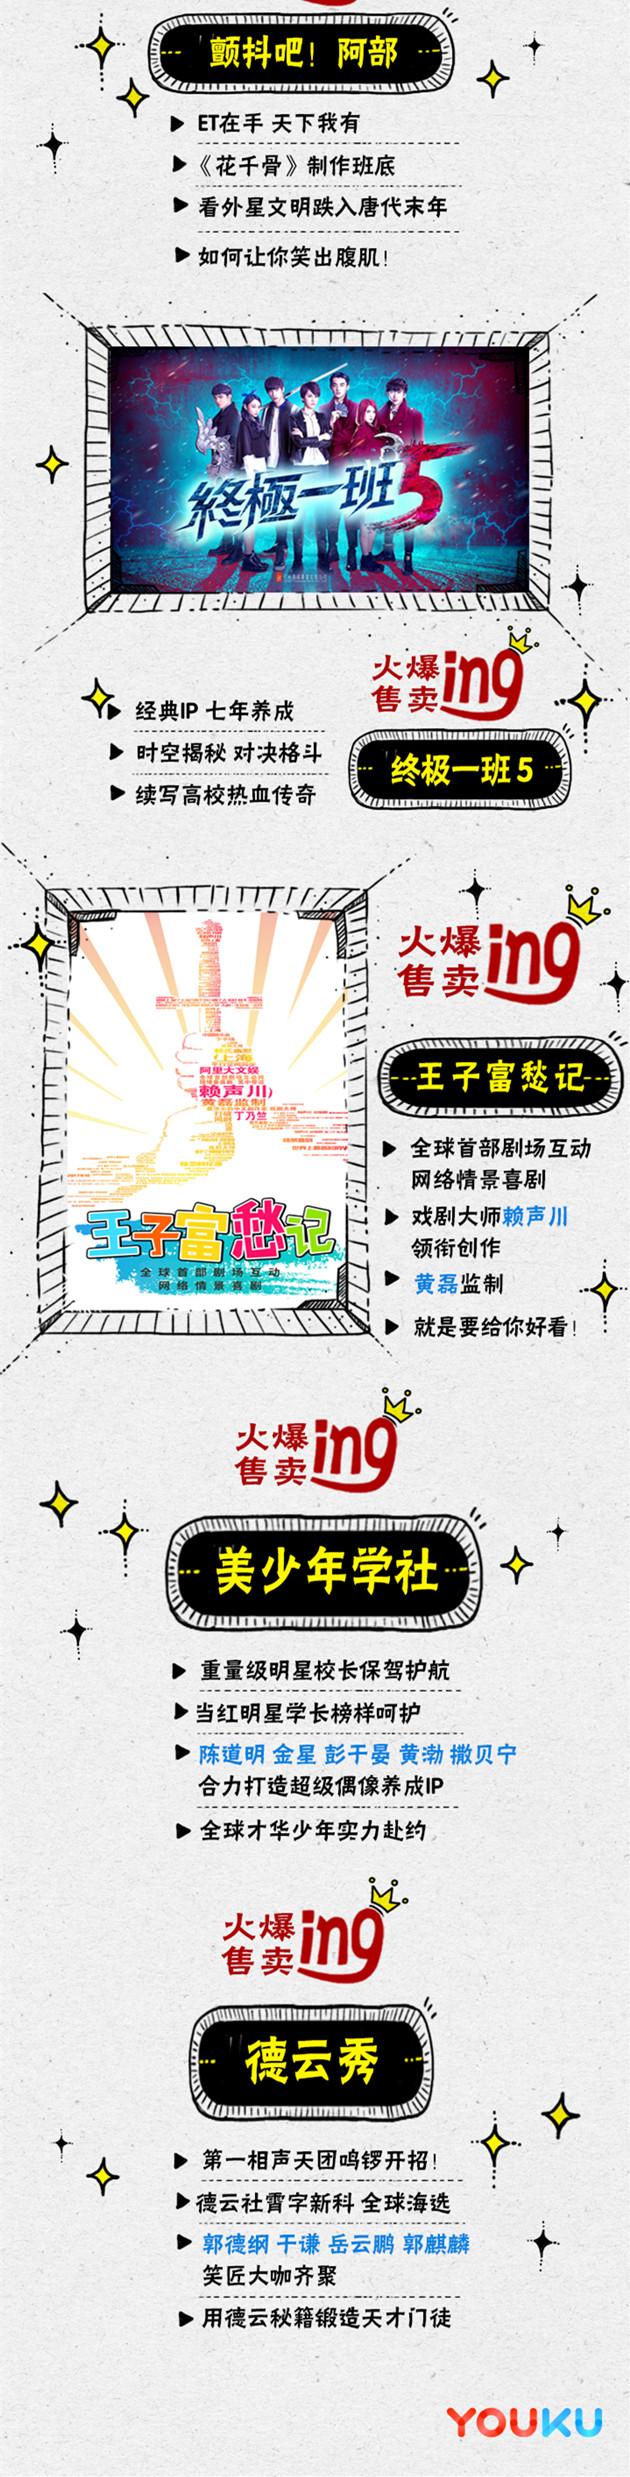 youku-20170310-3